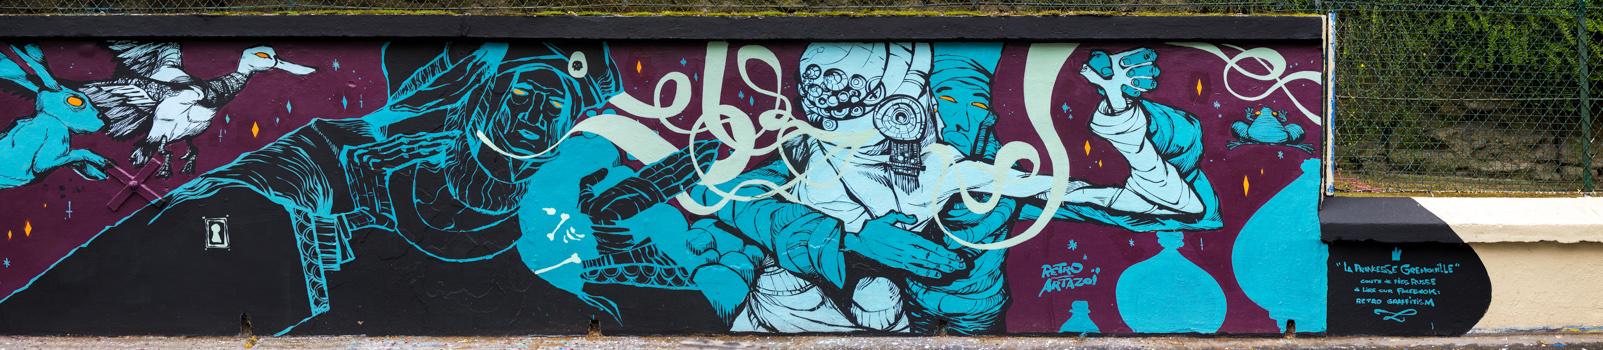 Rétro graffitism - La Princesse Grenouille - Mars 2017